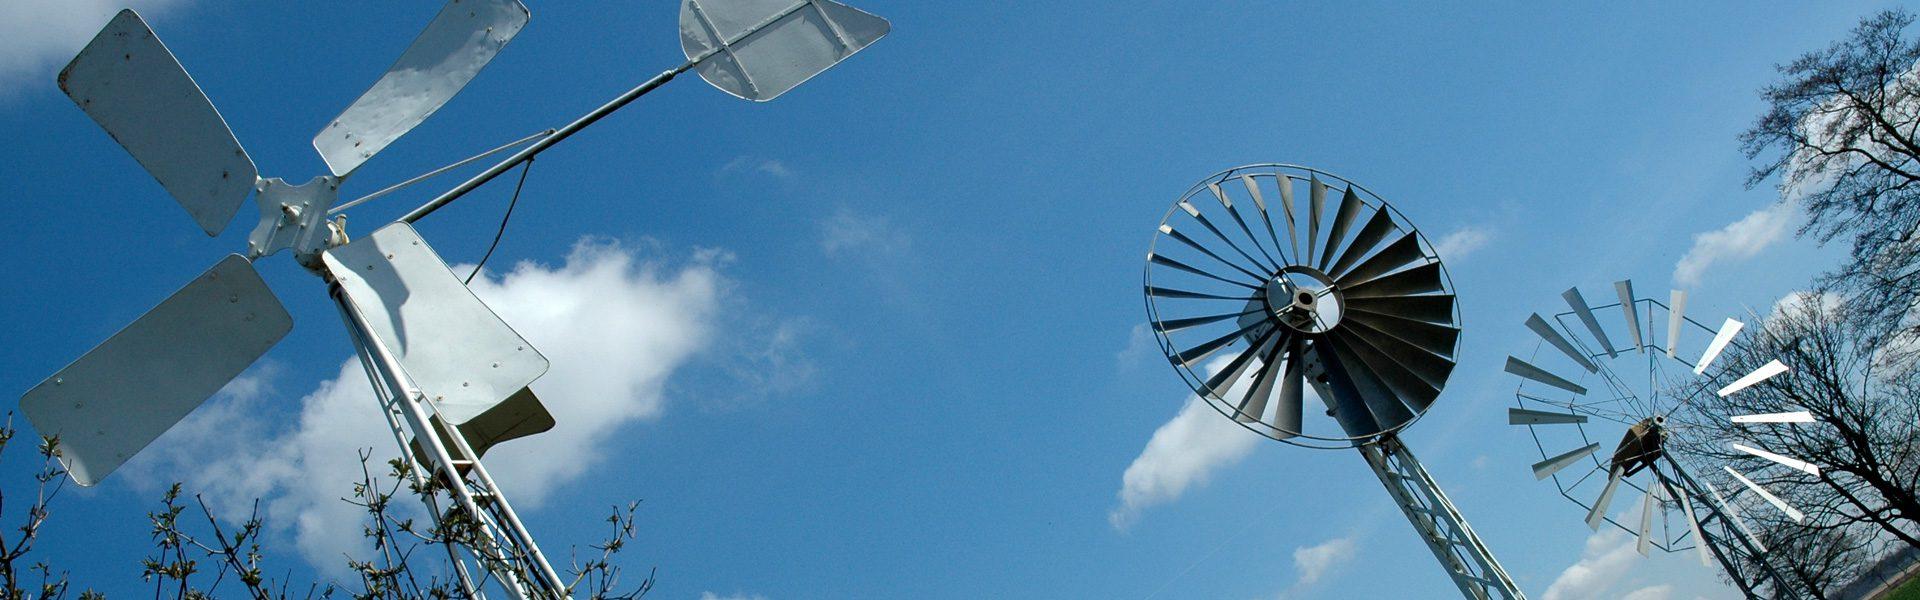 deutsches-windkraftmuseum_3